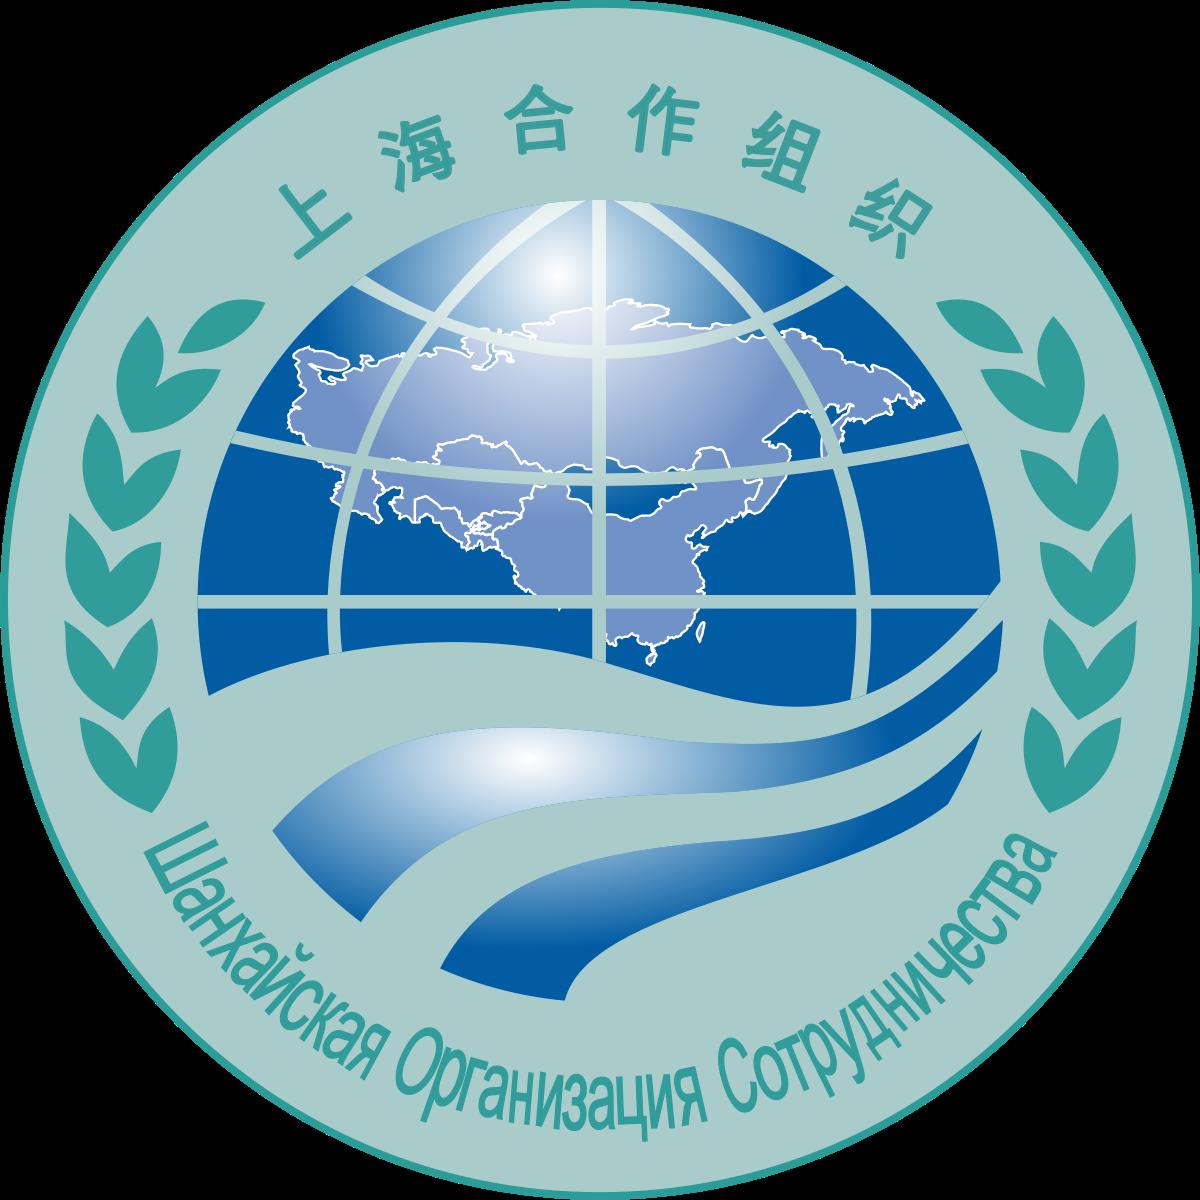 Шанхайская организация сотрудничества, шос | энциклопедия кругосвет